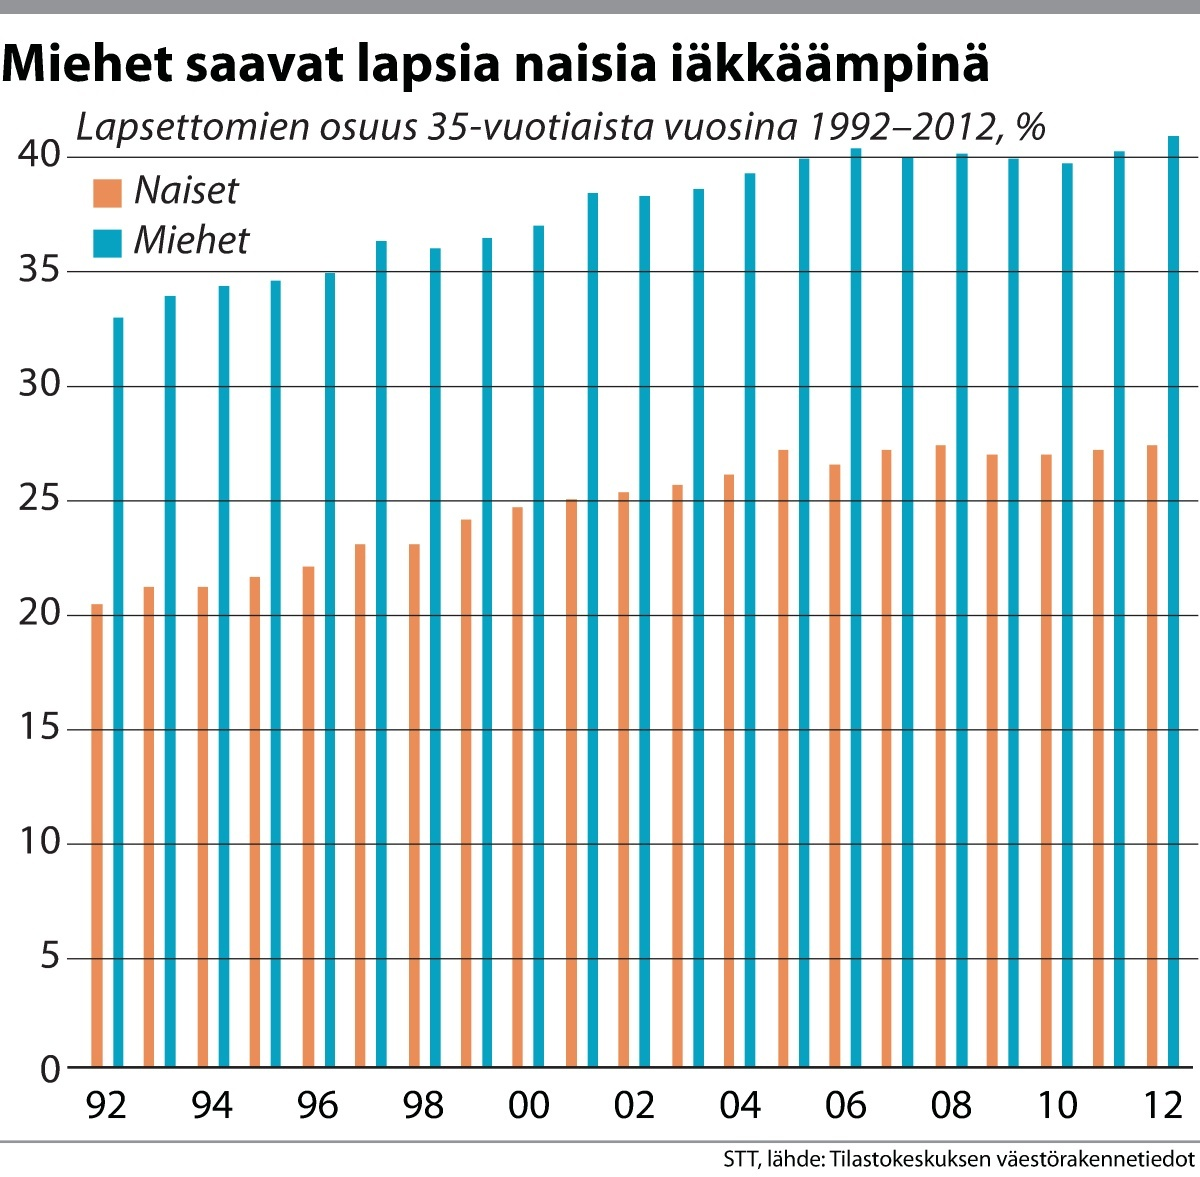 Lapsettomien osuus 35-vuotiaista vuosina 1992–2012.